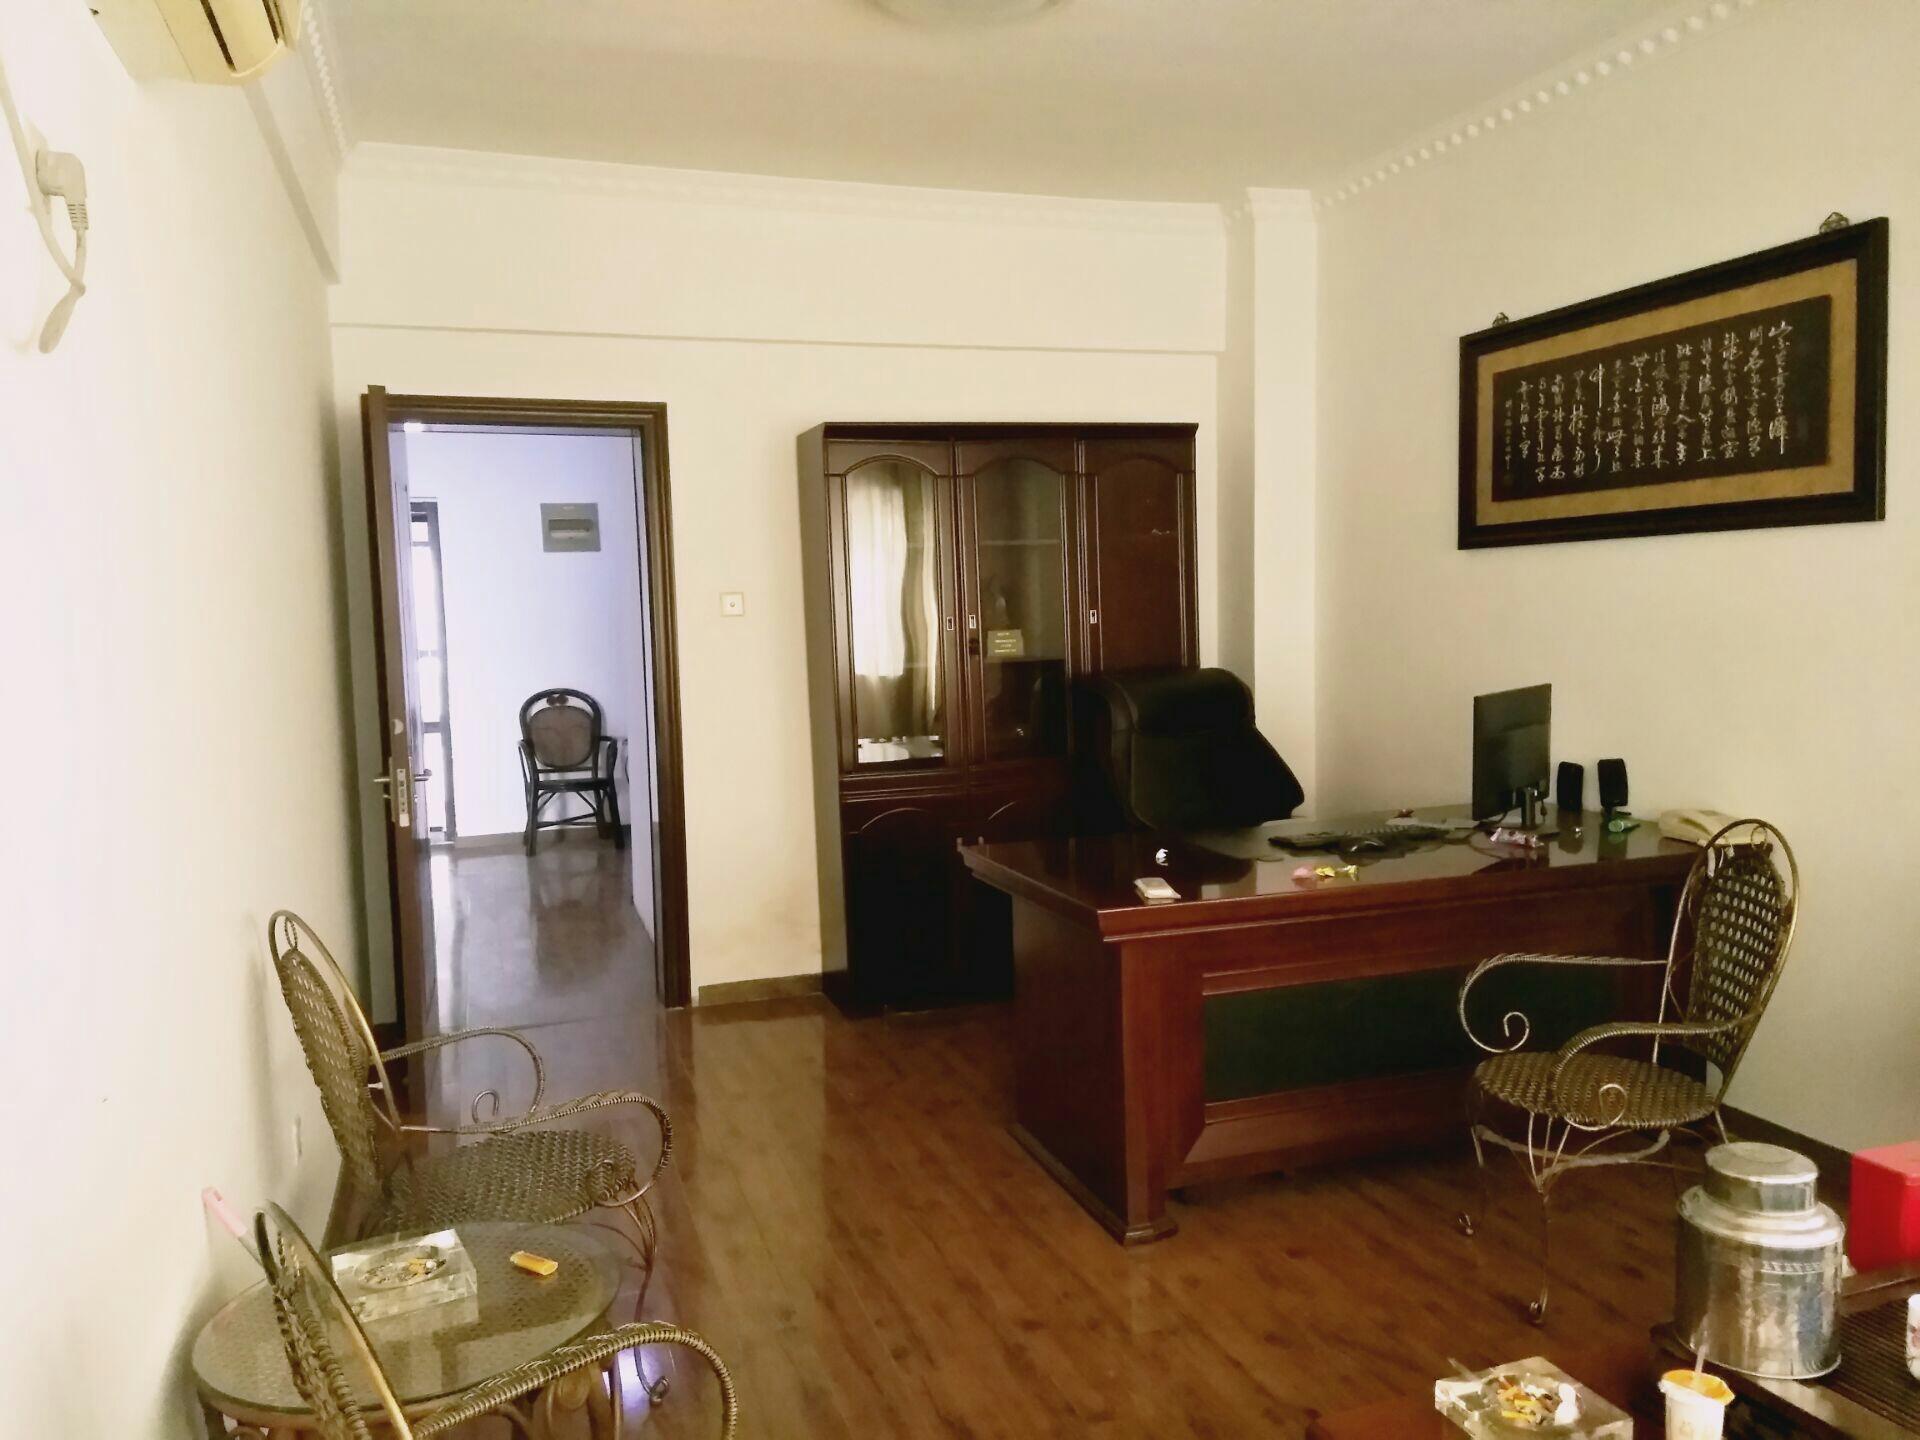 财富中心 107平米 简装2室 适合办公 家具齐全_4